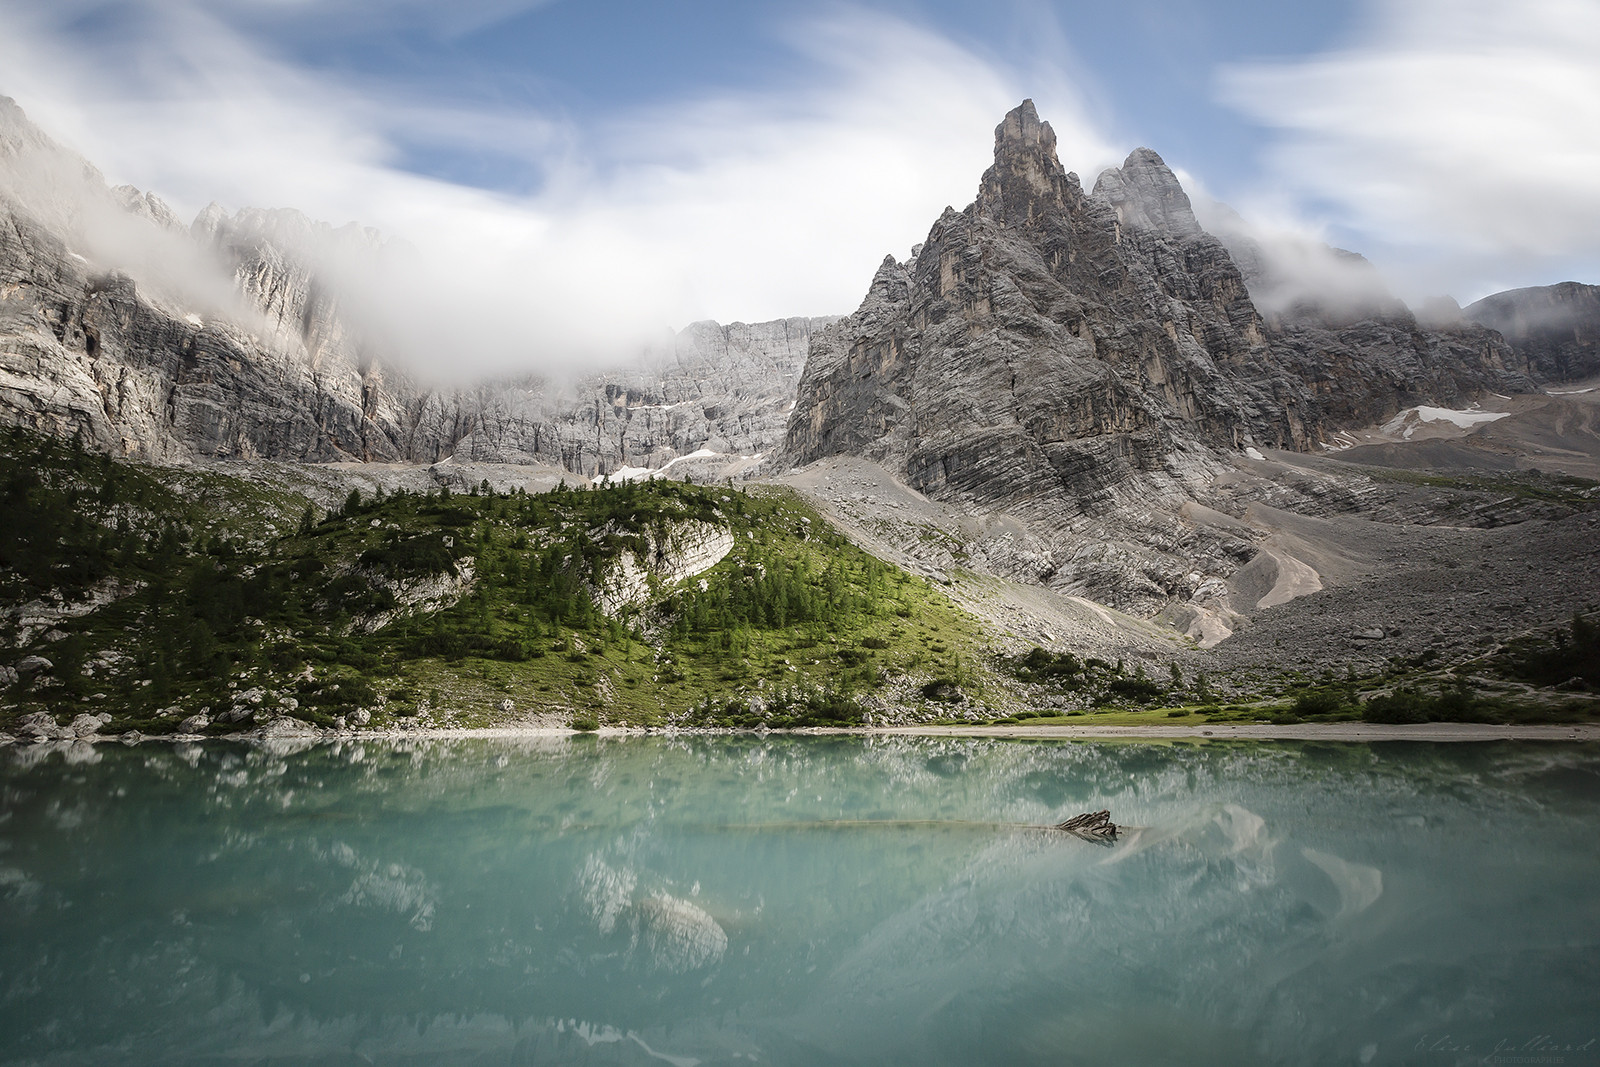 elise-julliard-photographe-lyon-france-montagne-dolomites-dolomiti-italie-paysage-sorapis-lago-lac